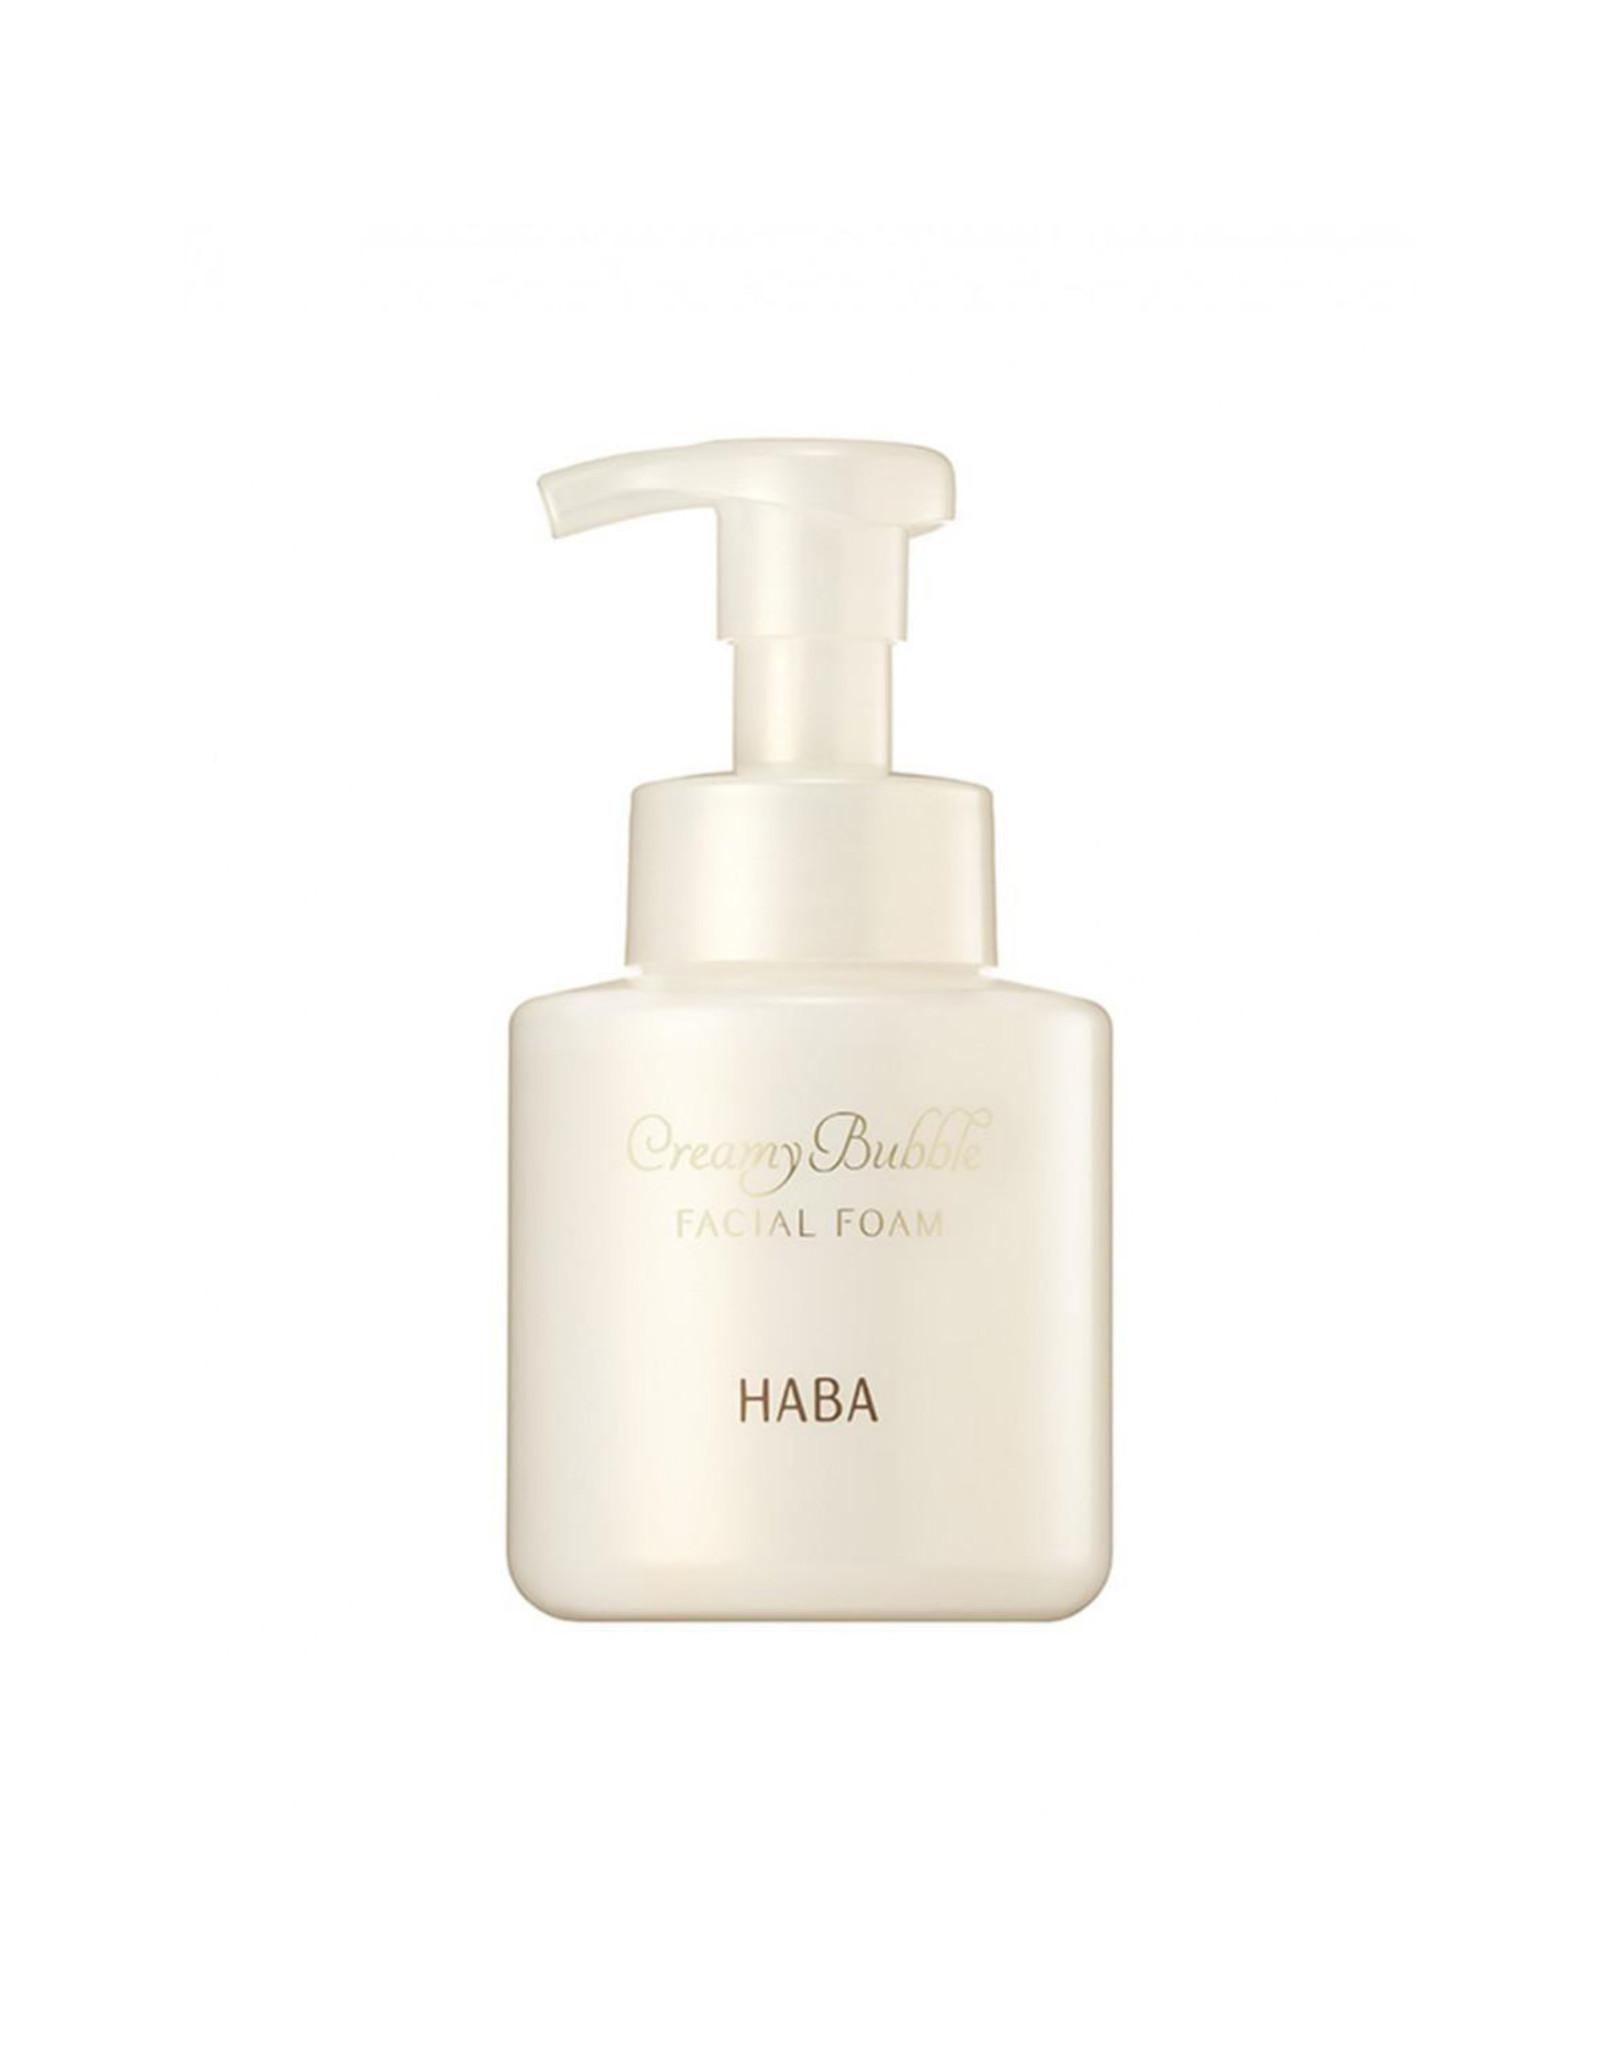 HABA Haba Creamy Bubble Facial Foam